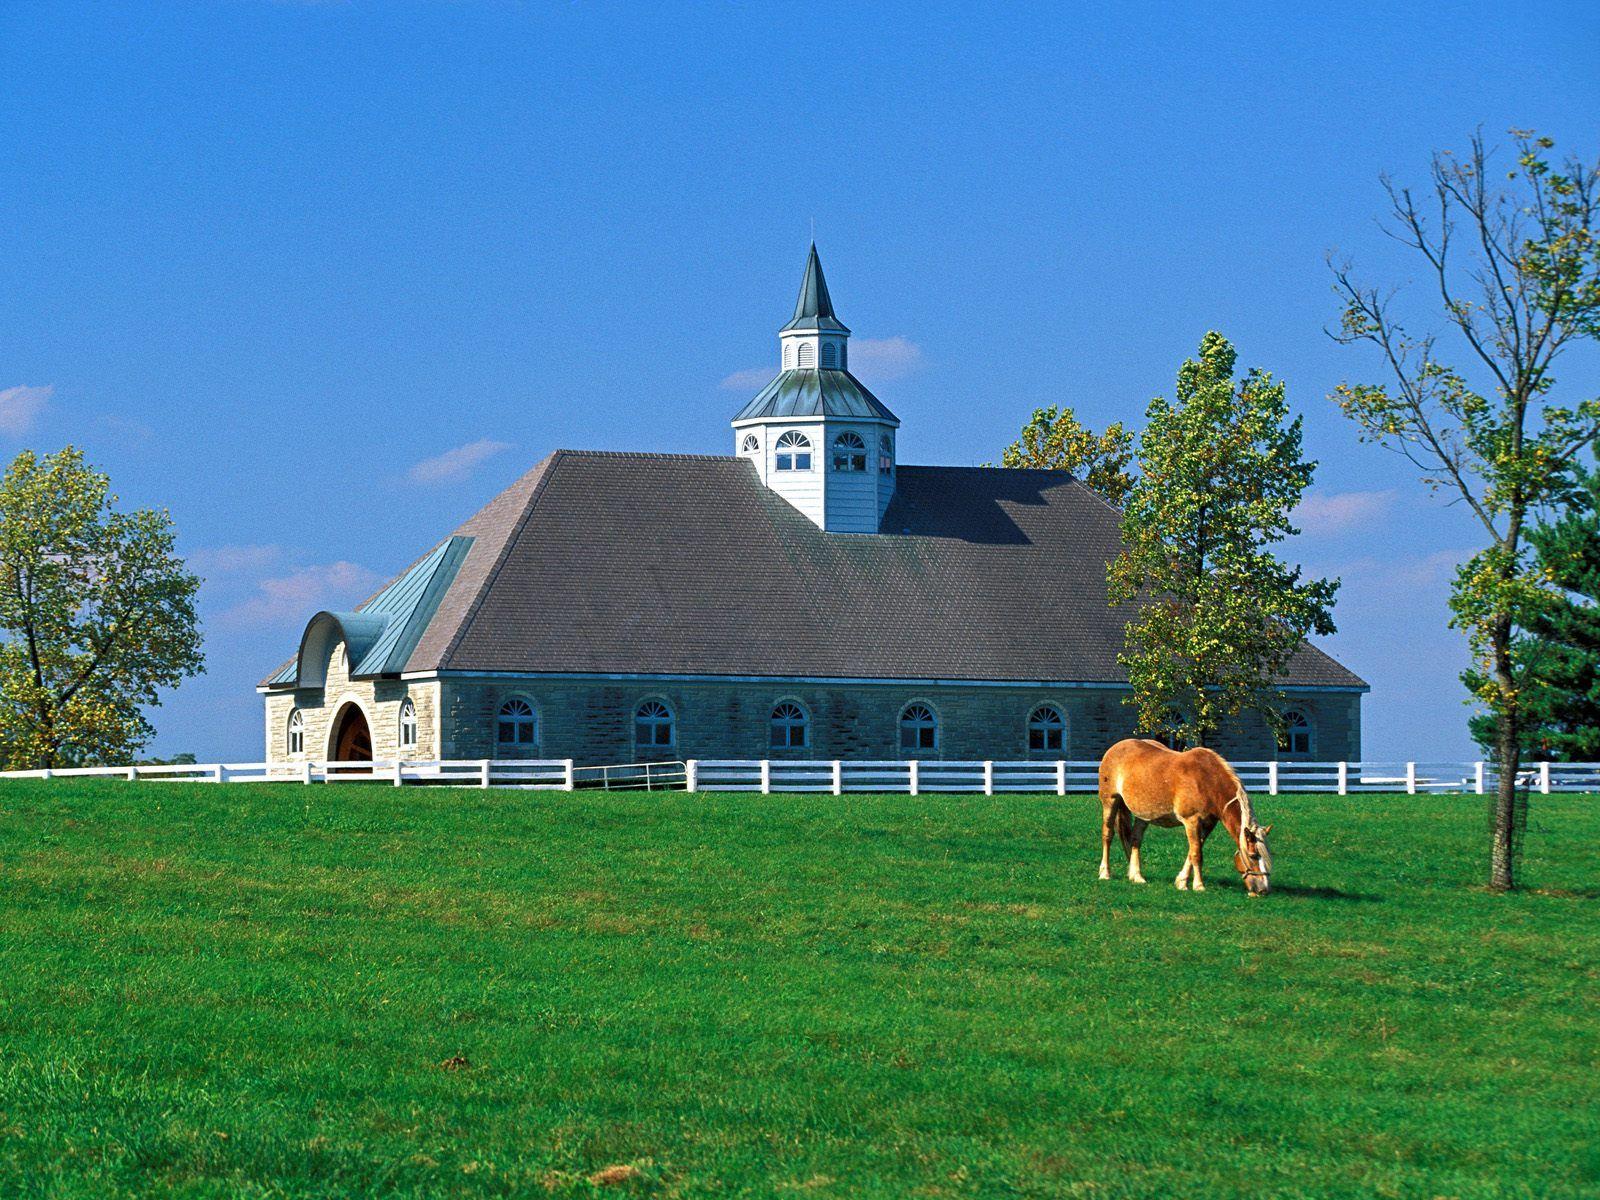 Kentucky photo Donamire Horse Farm Lexington Kentucky wallpaper 1600x1200